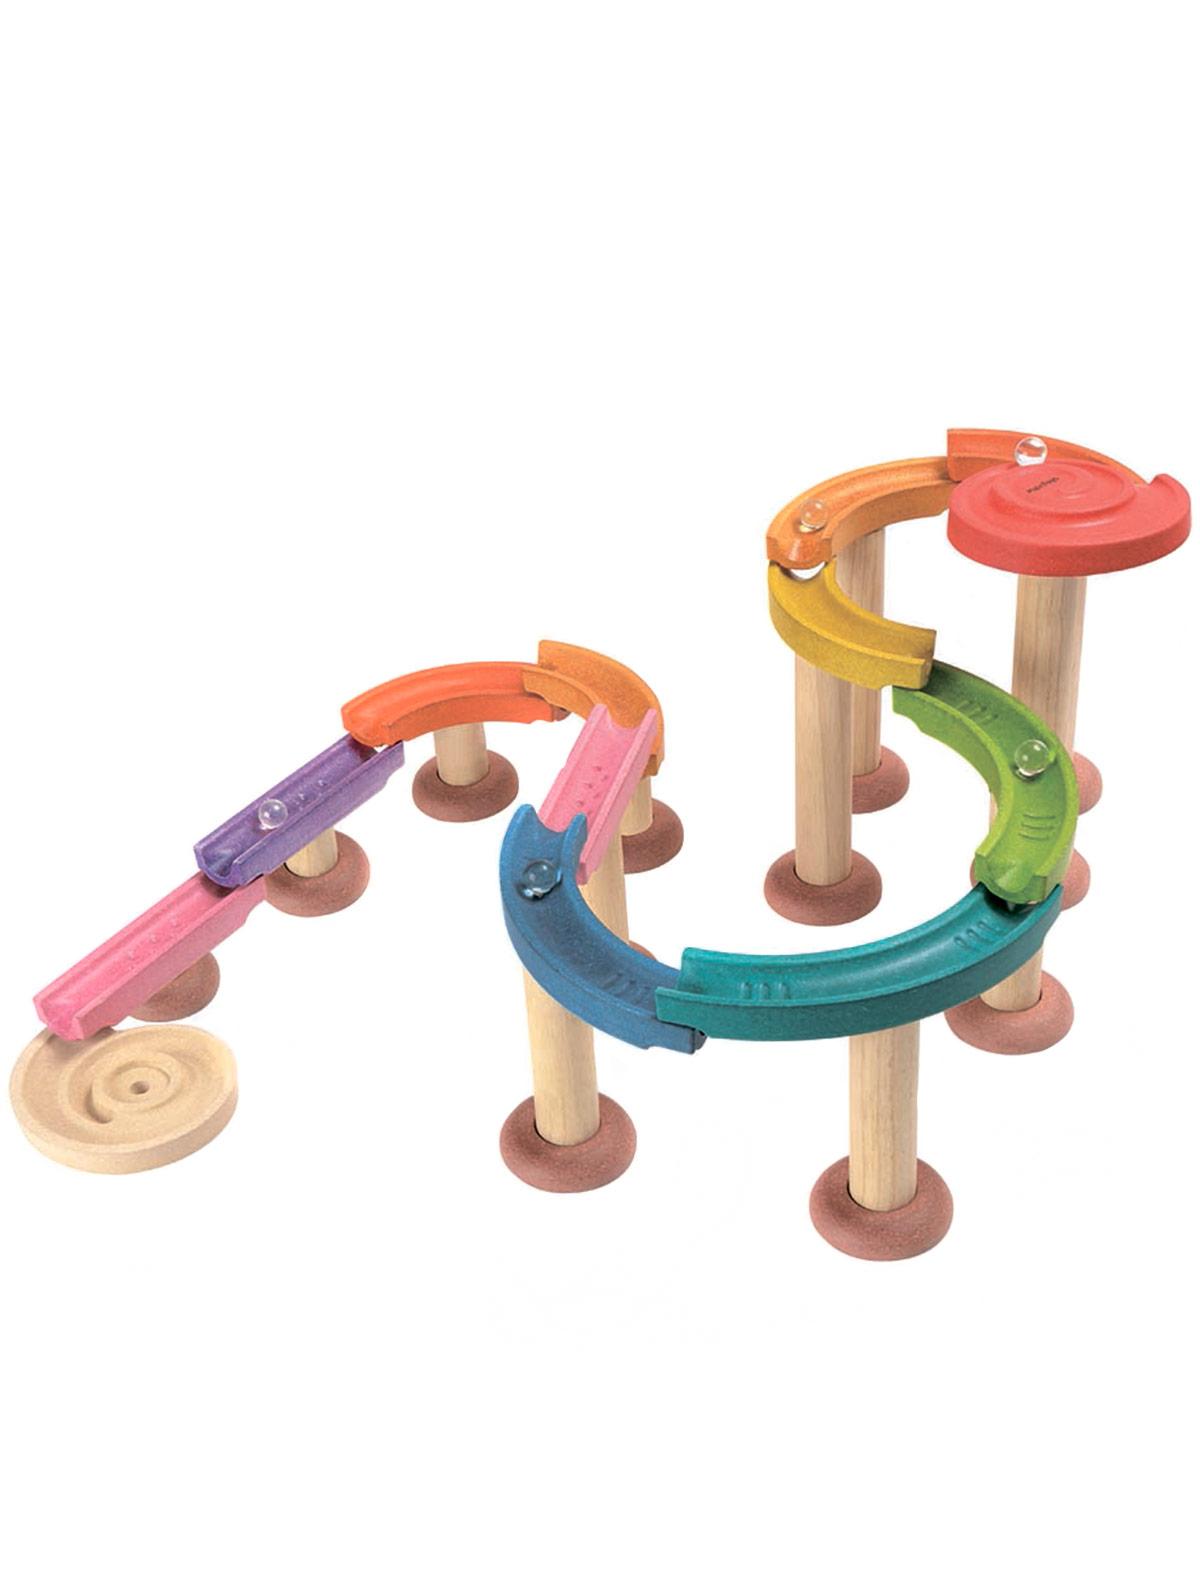 Купить 2135141, Игрушка PLAN TOYS, разноцветный, 7132529980853